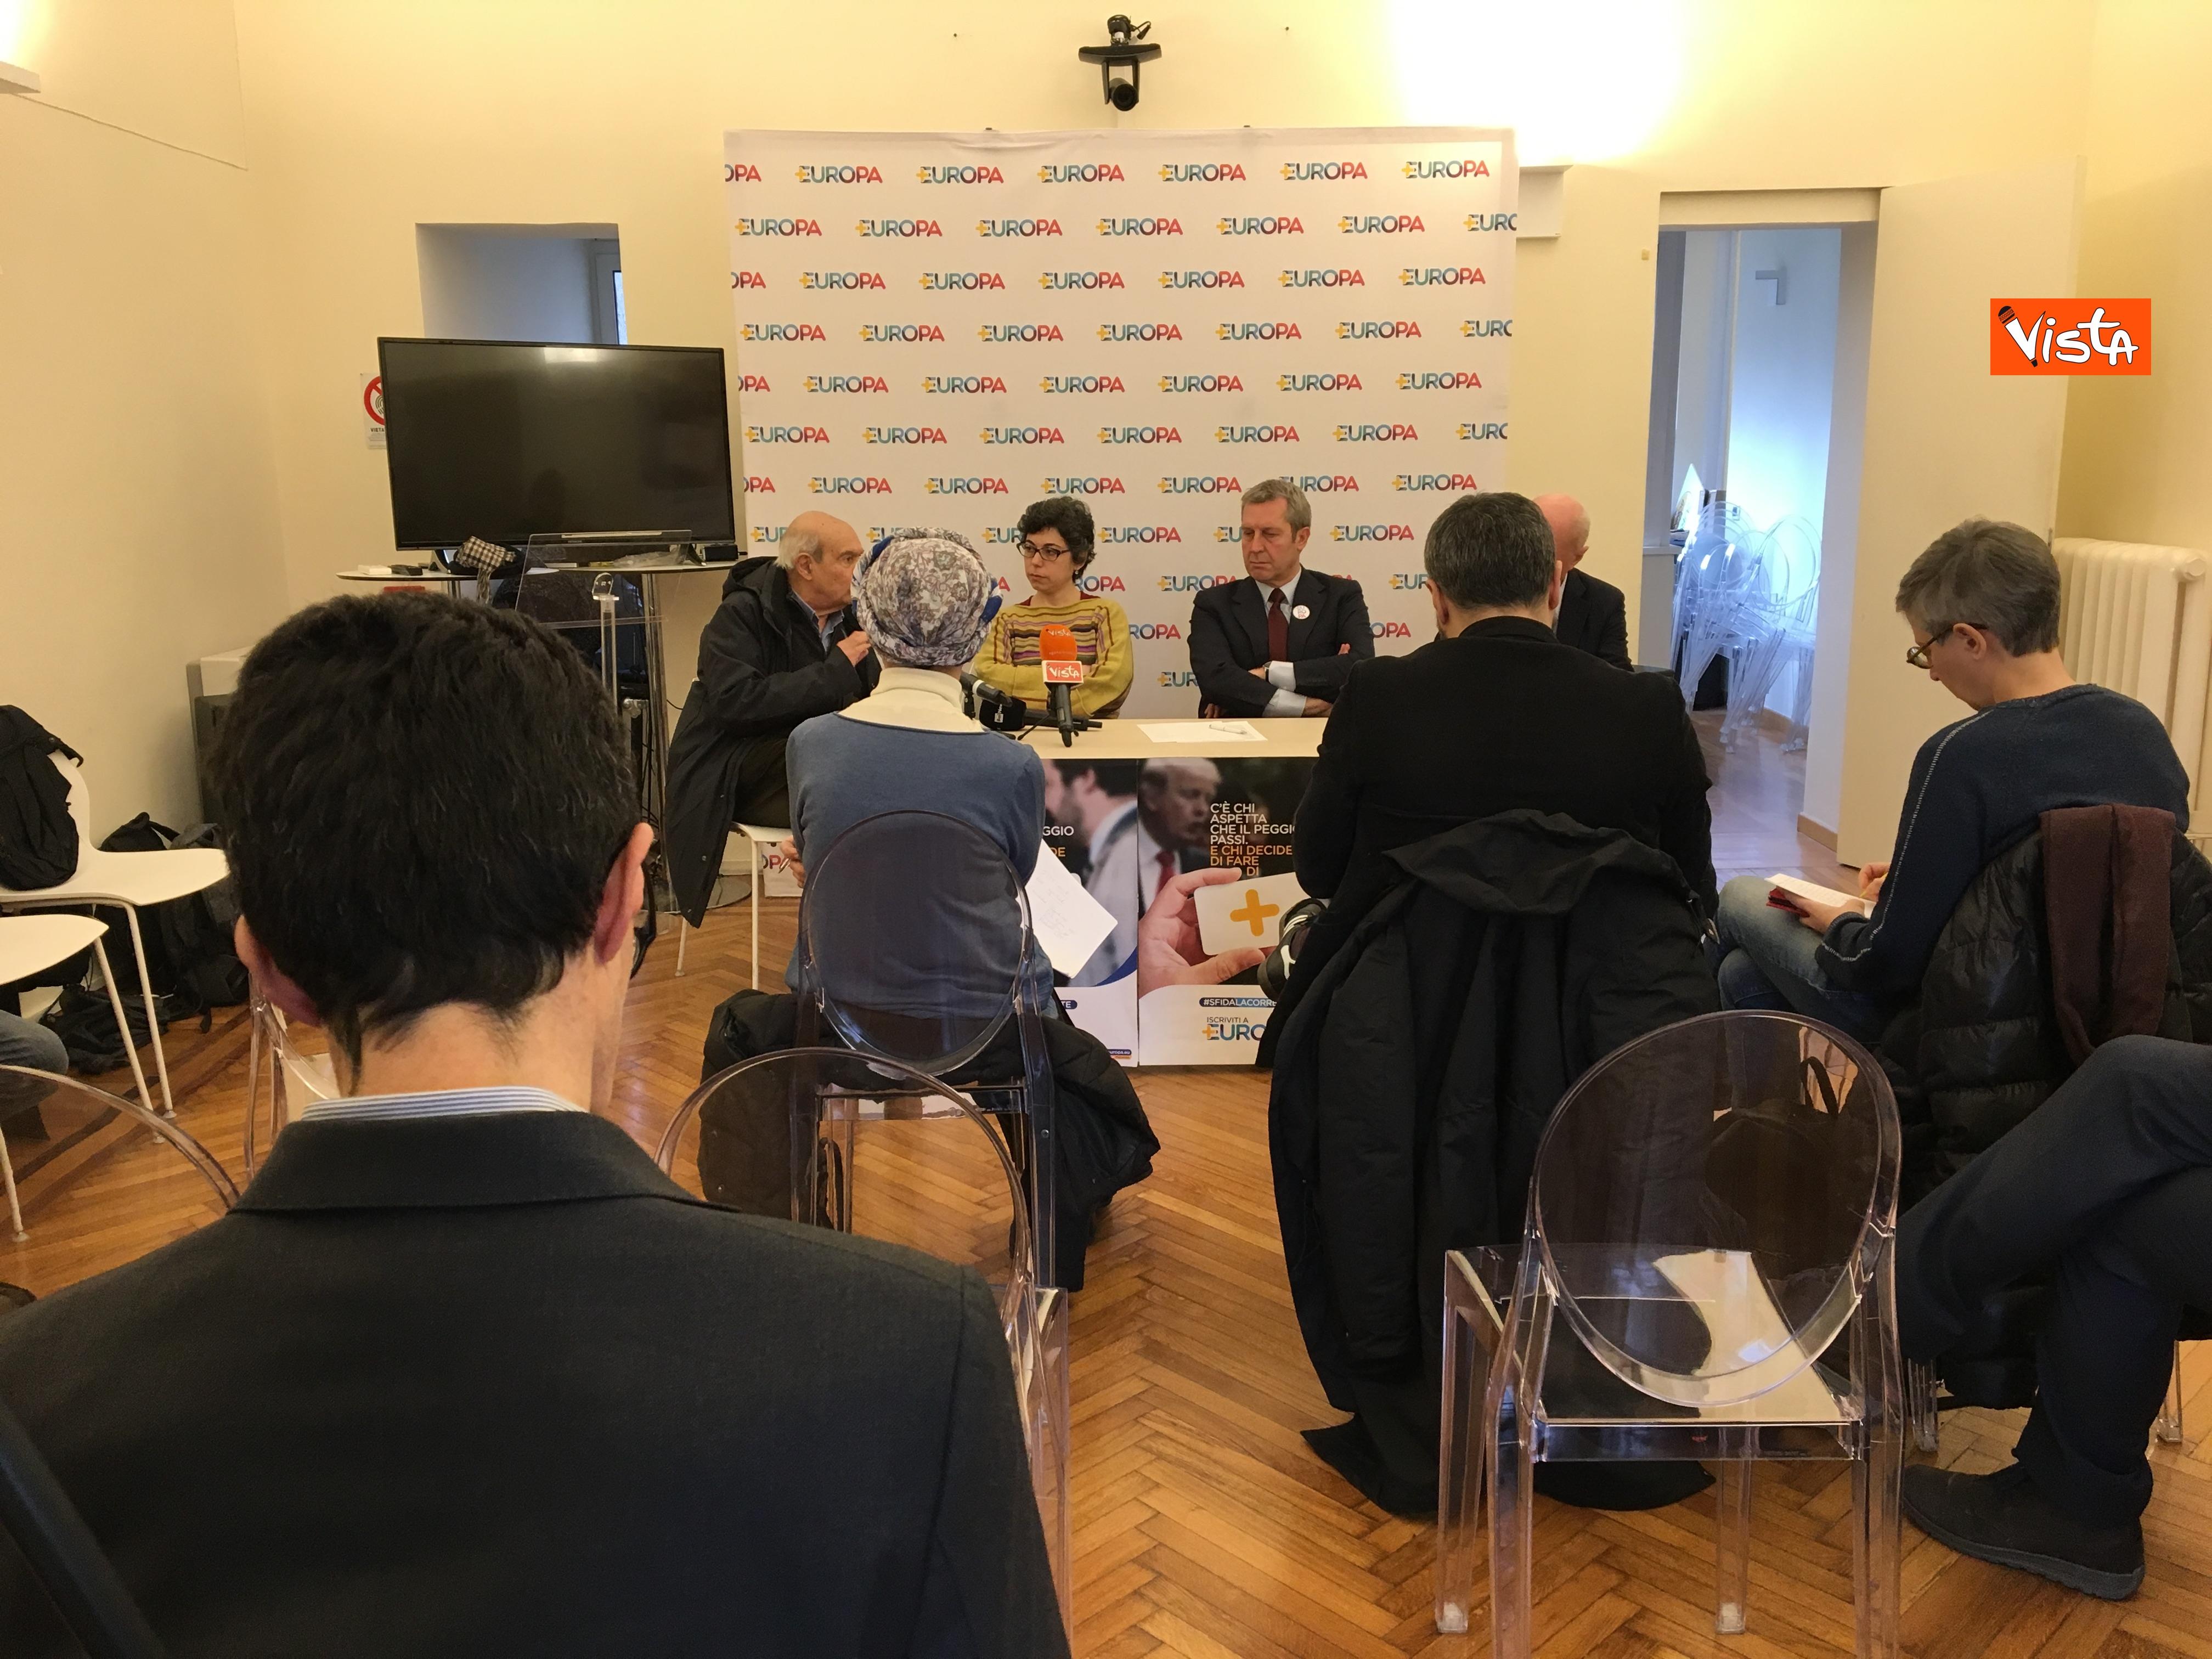 21-01-19 Europa la conferenza di presentazione del Congresso a Milano_07